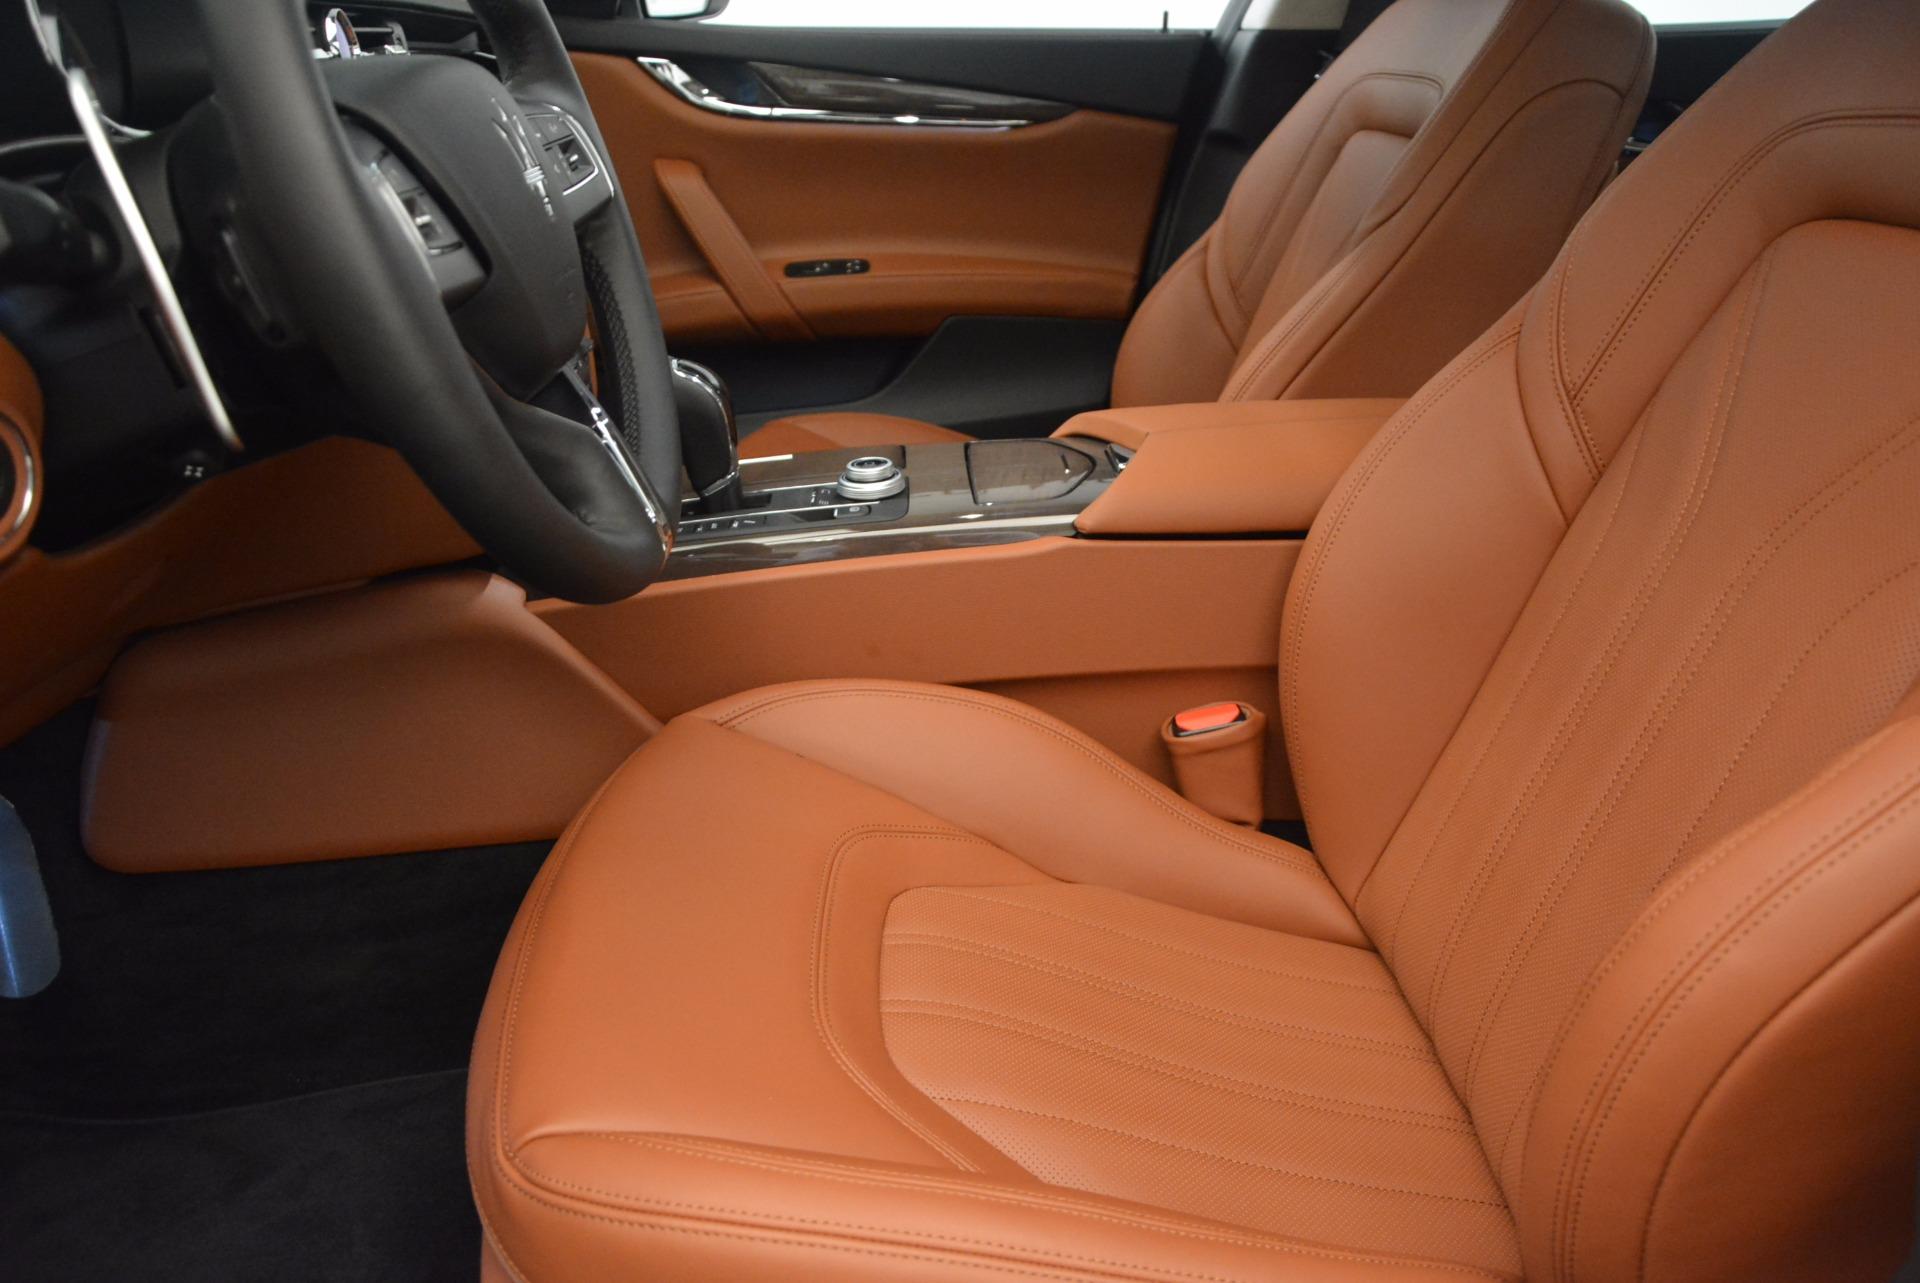 New 2018 Maserati Quattroporte S Q4 GranLusso For Sale In Westport, CT 1700_p14